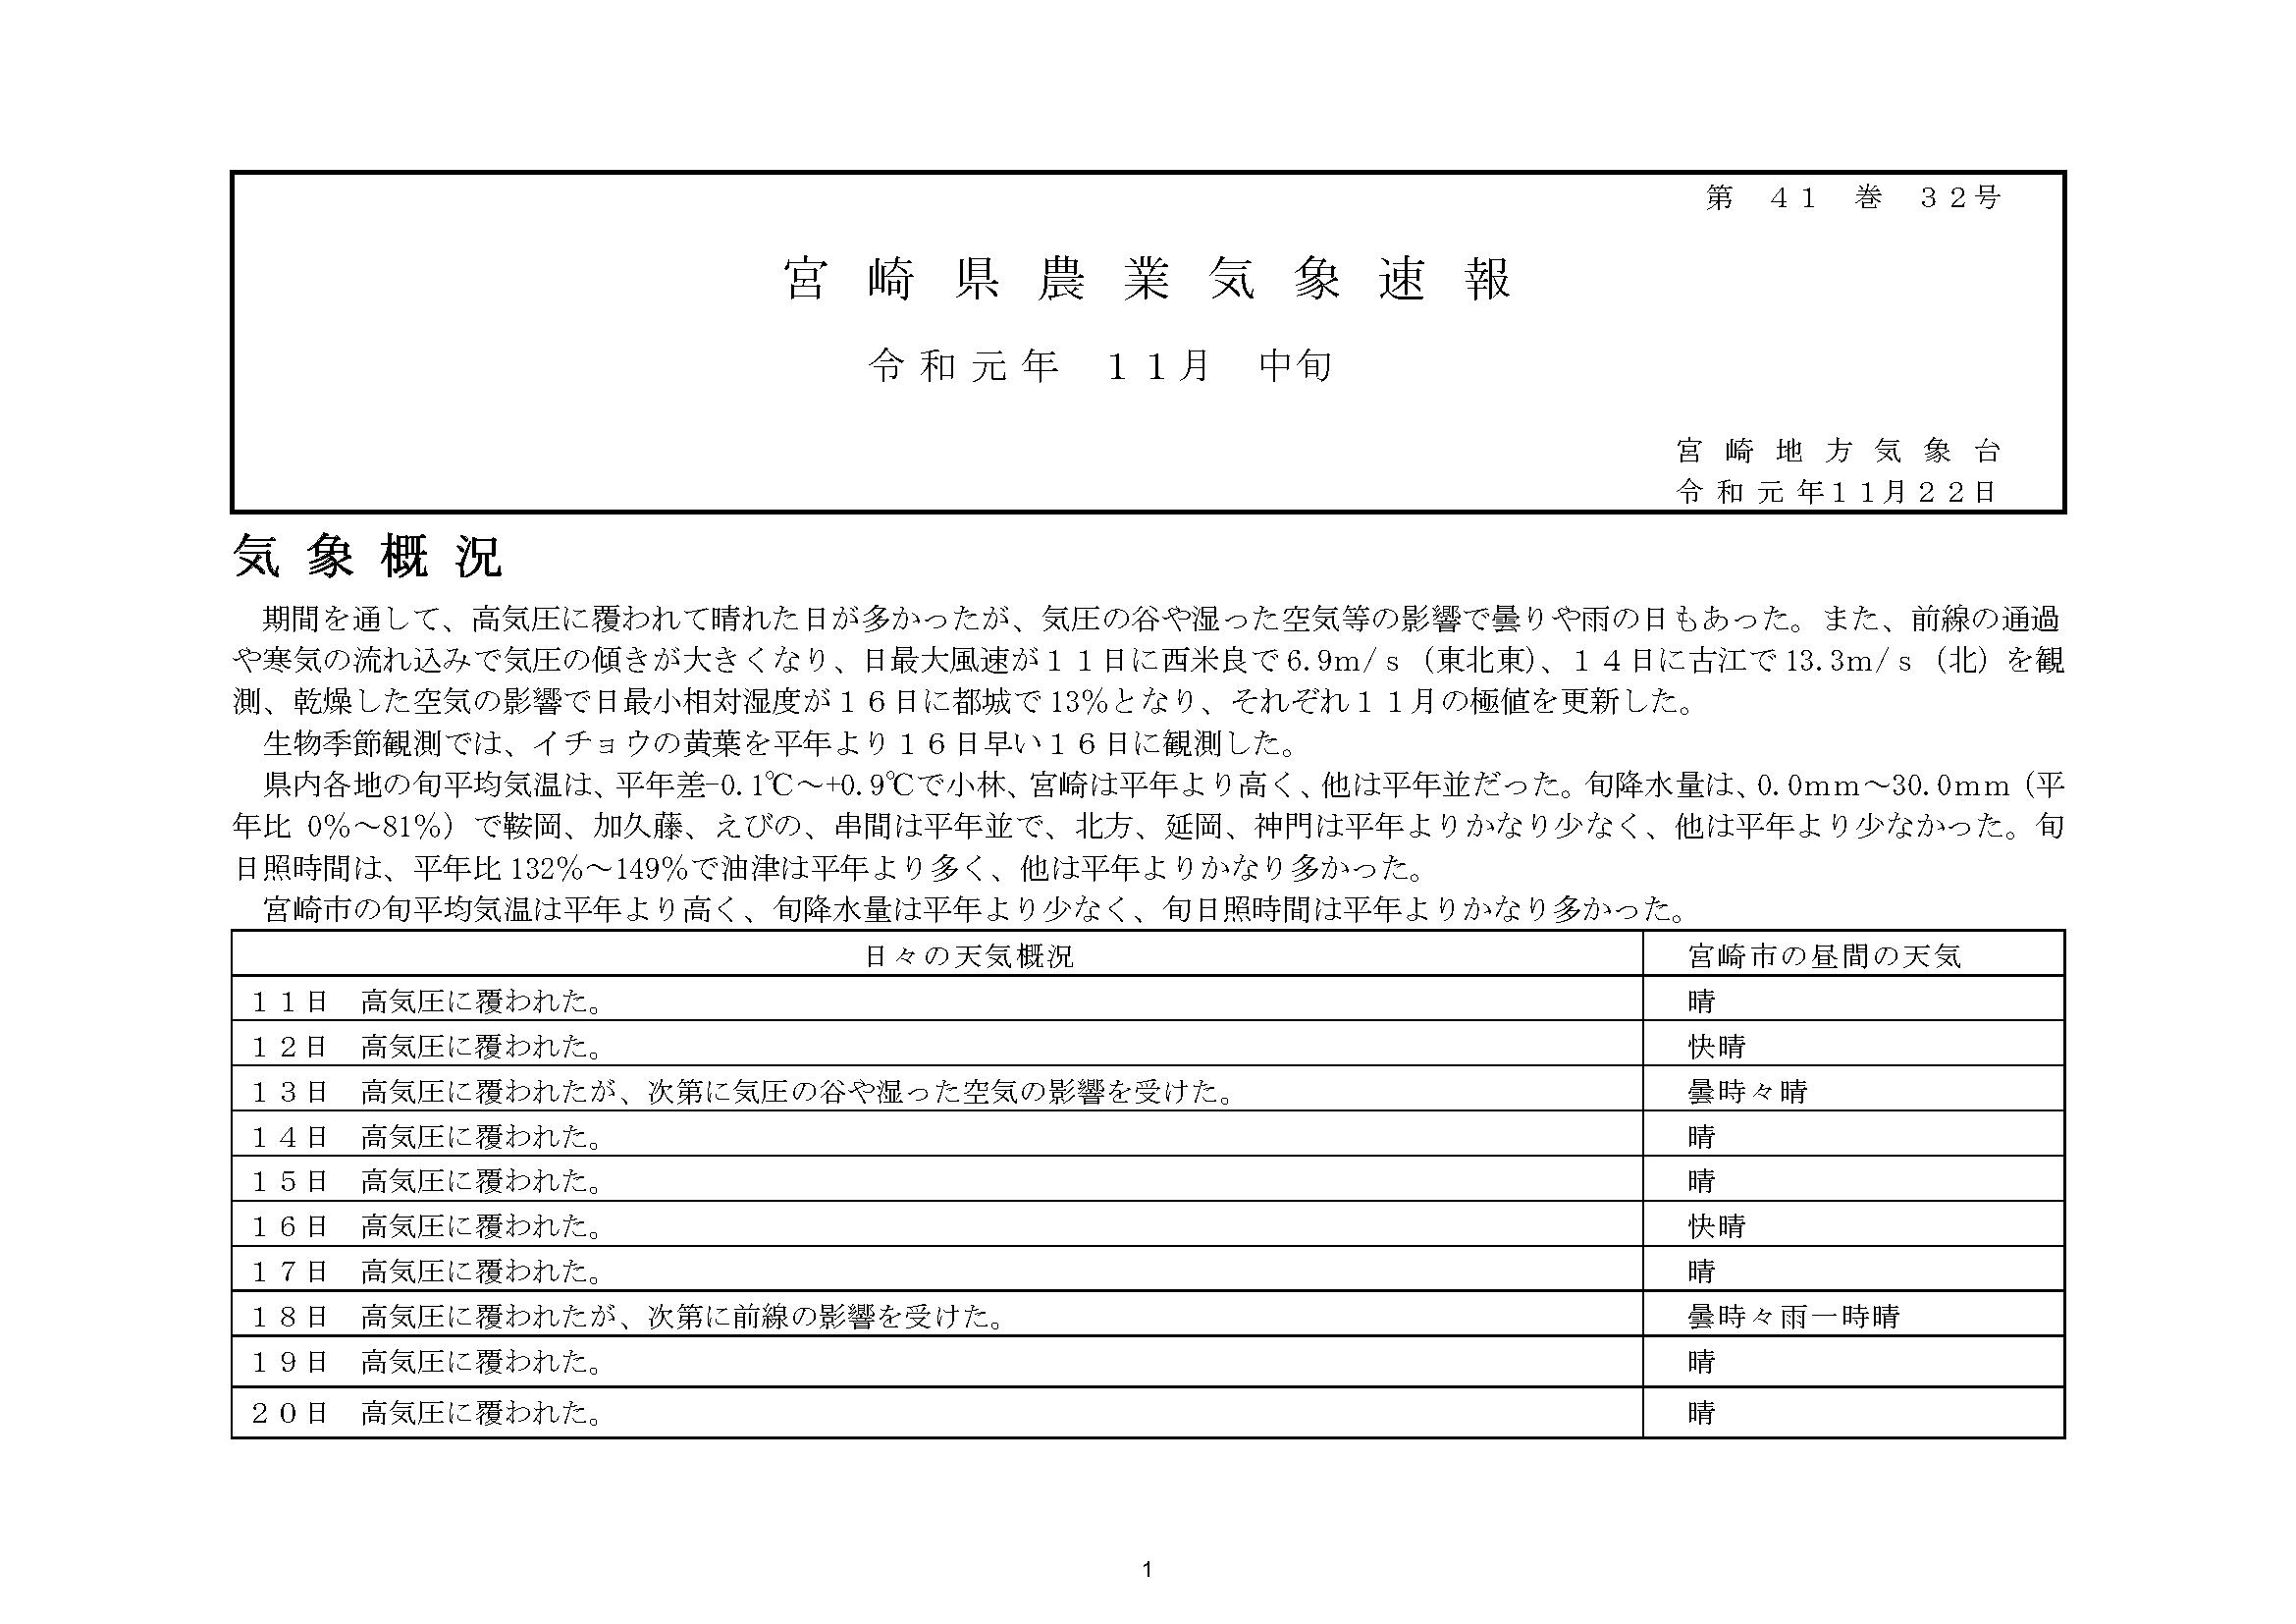 宮崎県農業気象速報令和元年10月中旬PDF